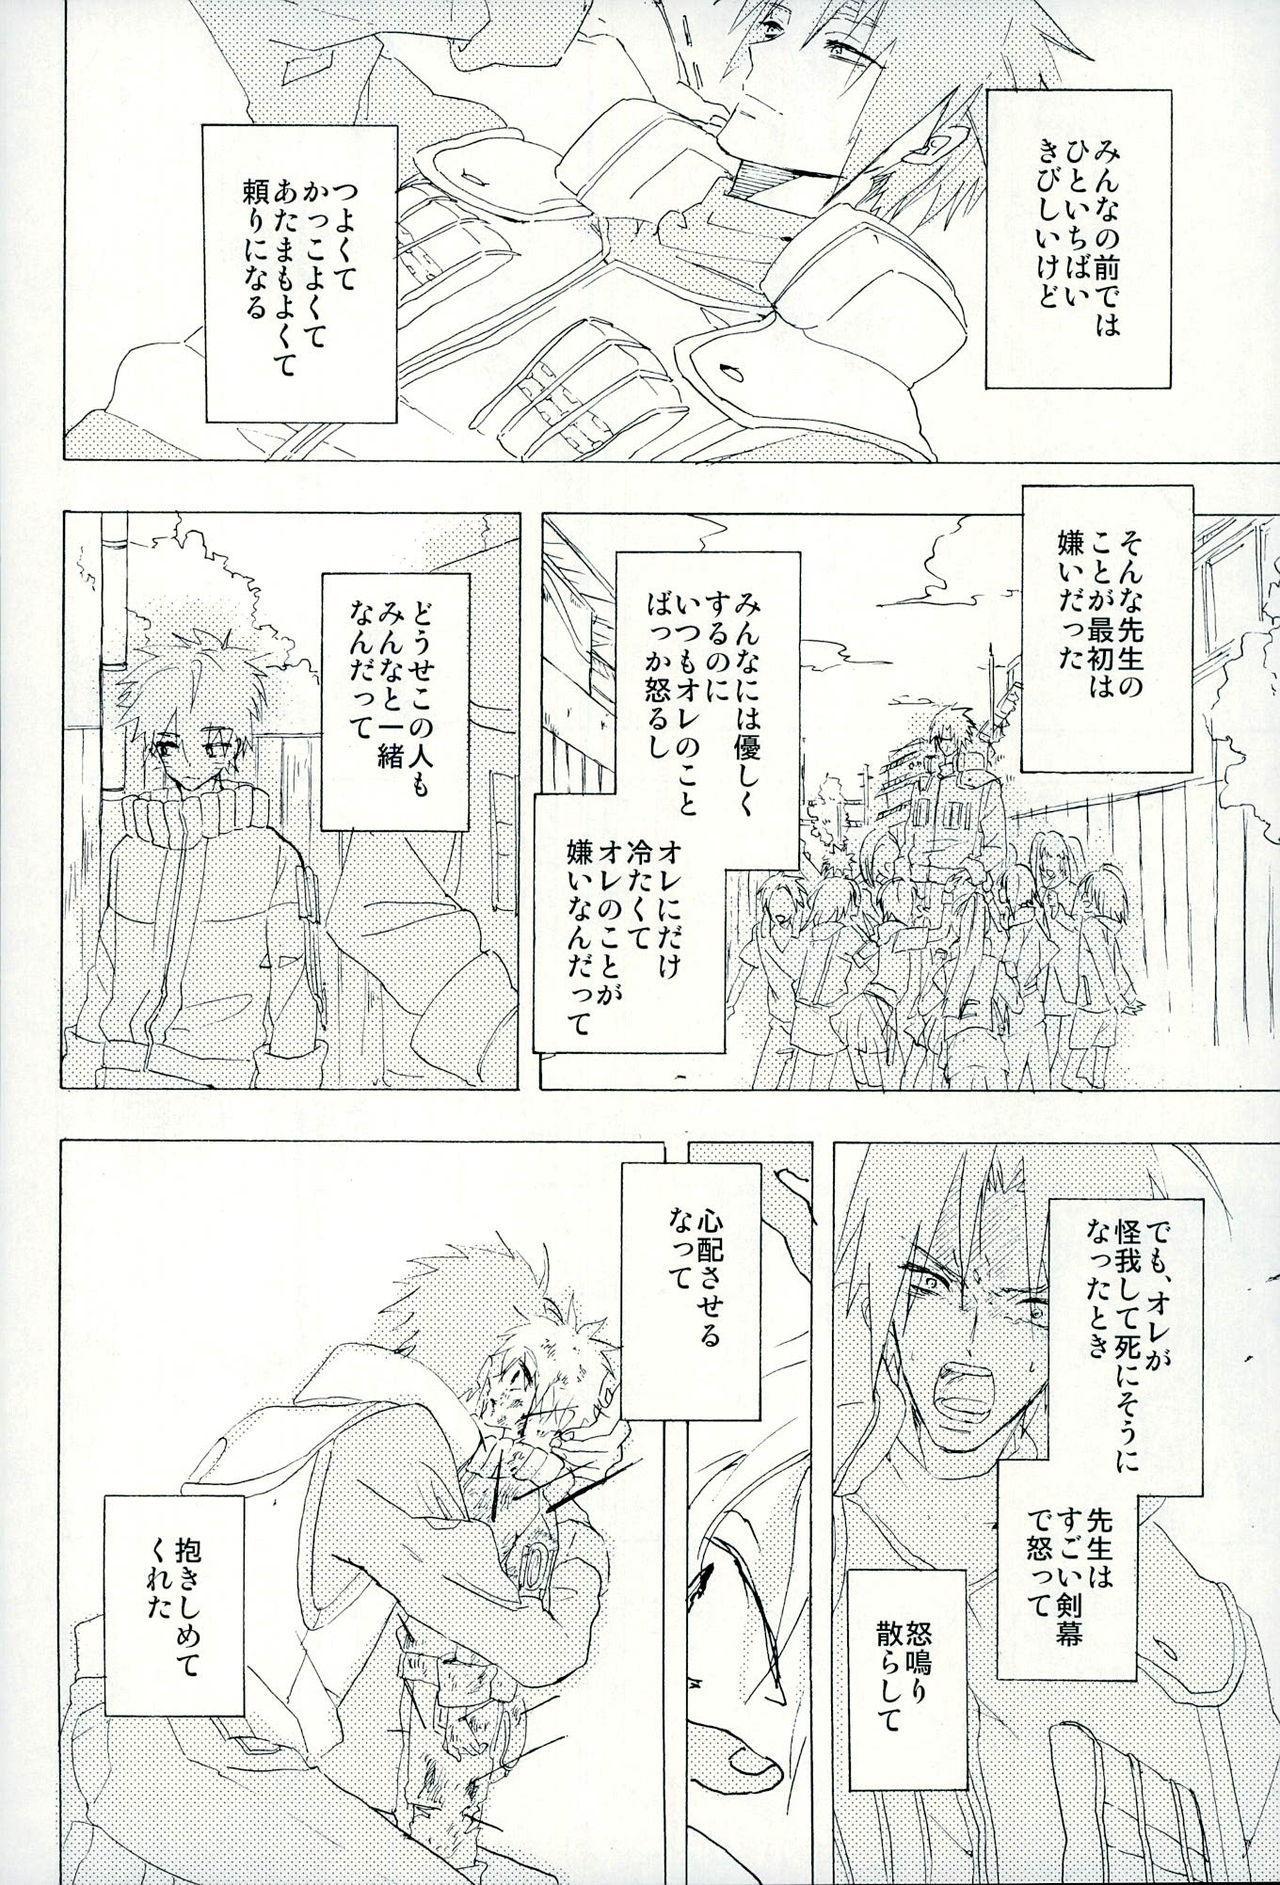 Boku no Sensei 13